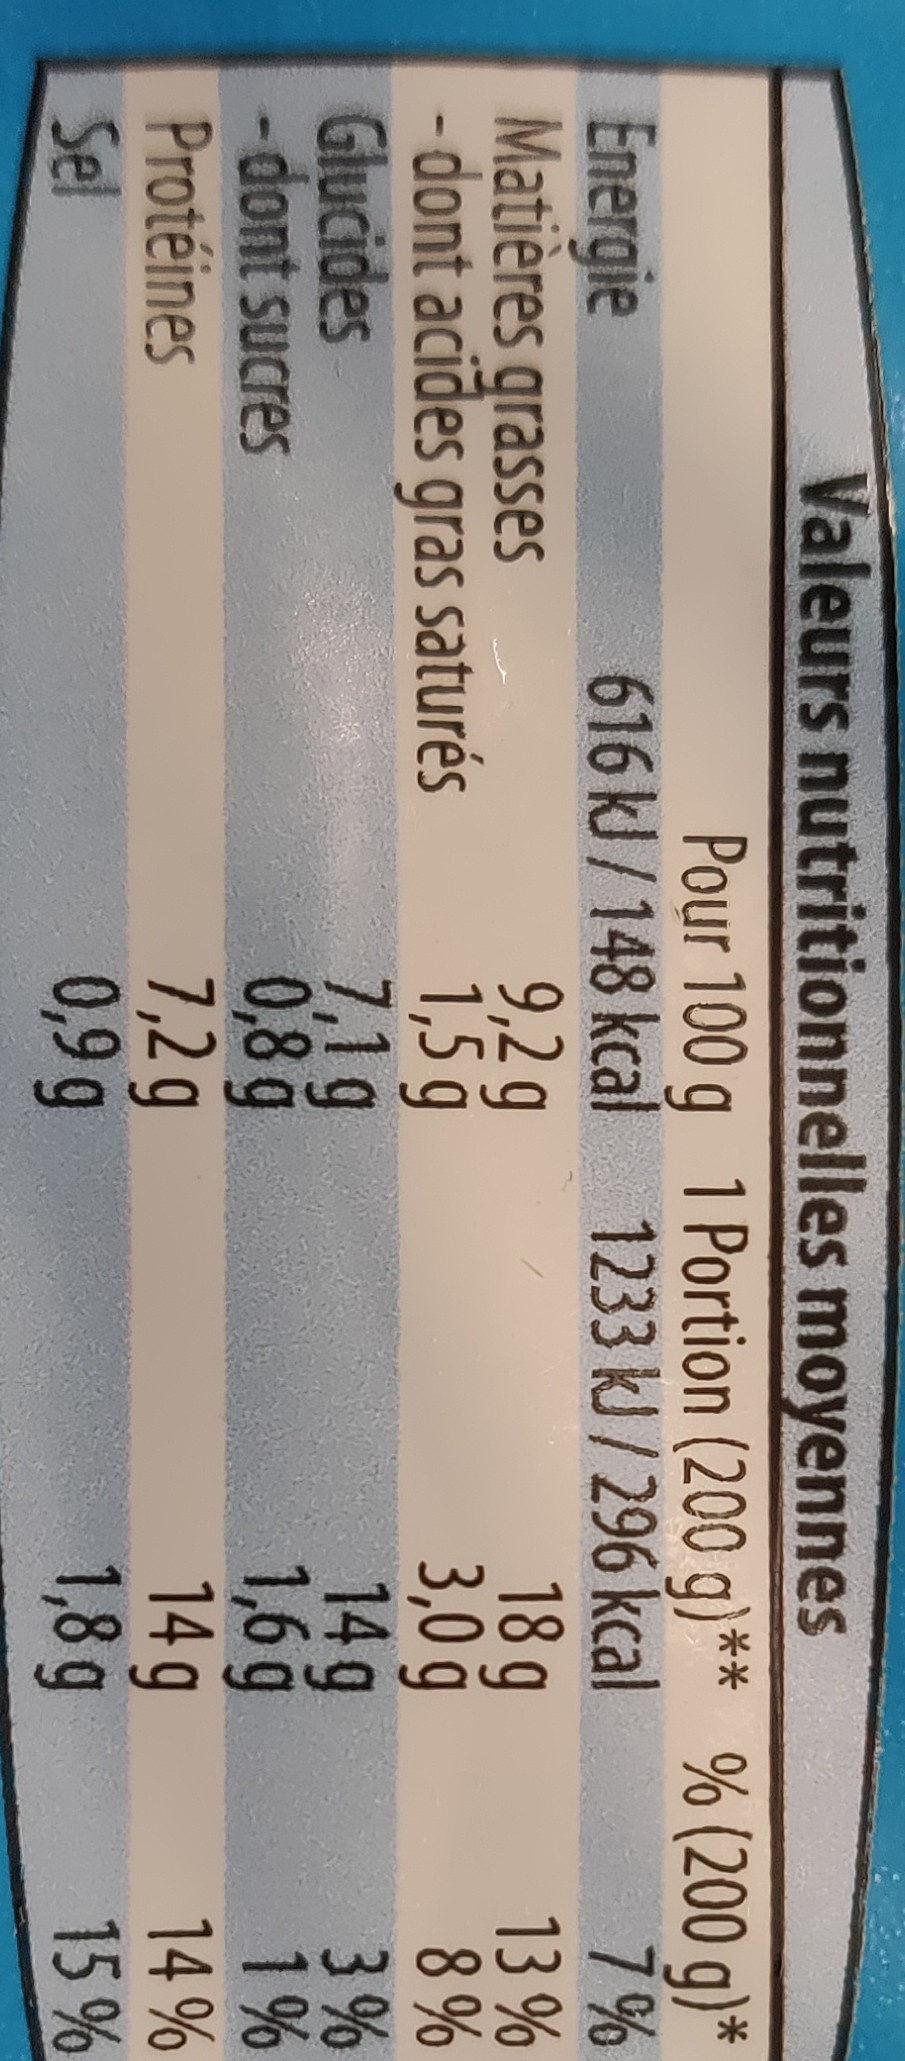 Brandade parmentière de morue - Informations nutritionnelles - fr